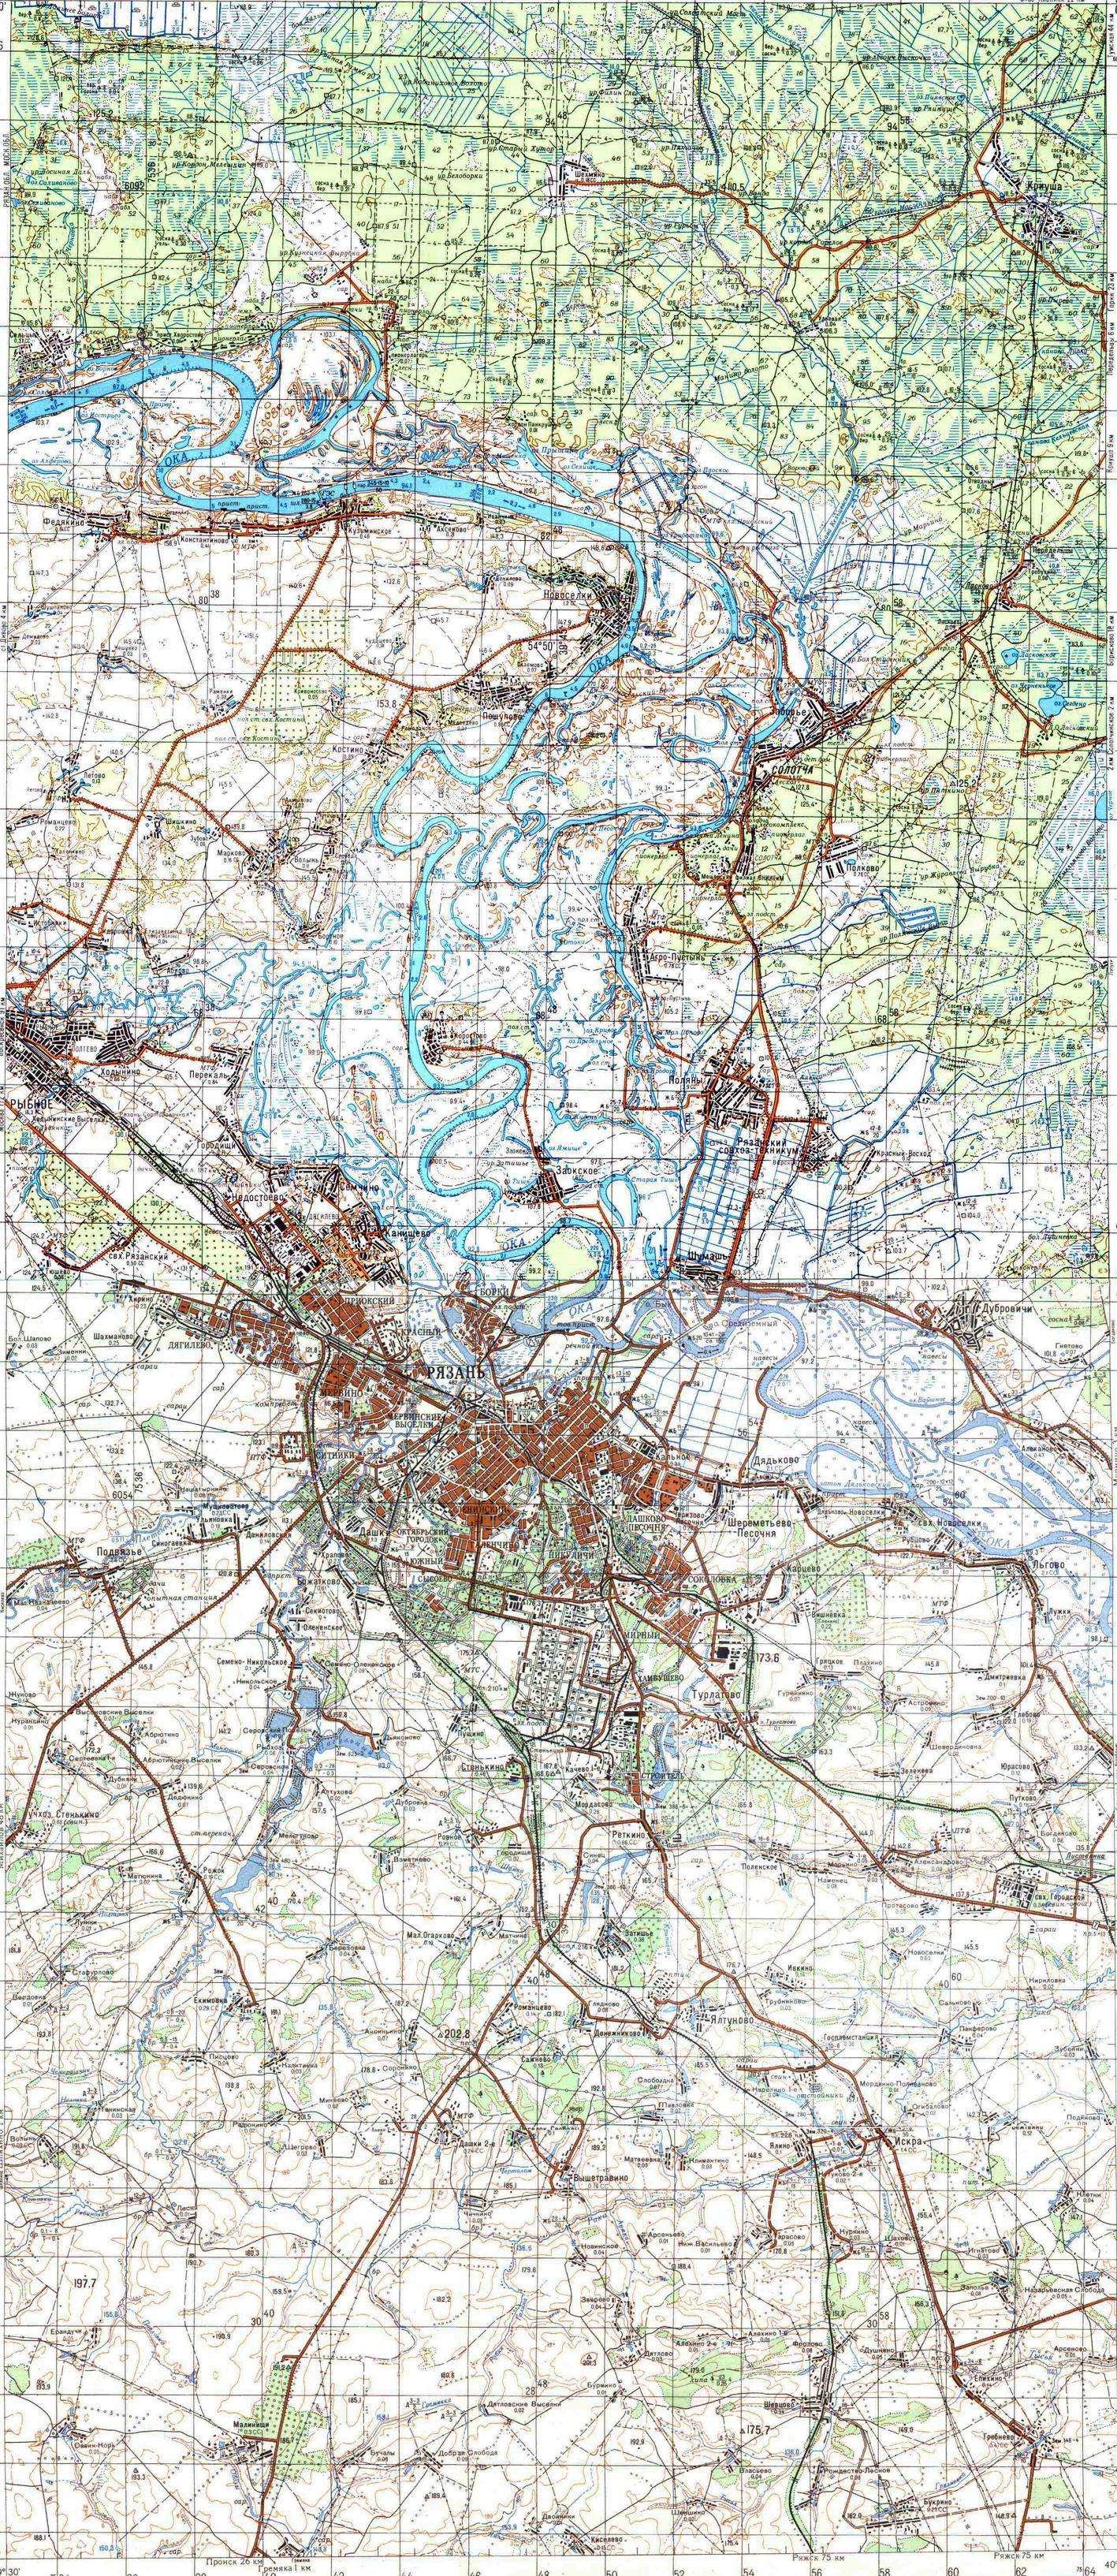 снимки рязани со спутника